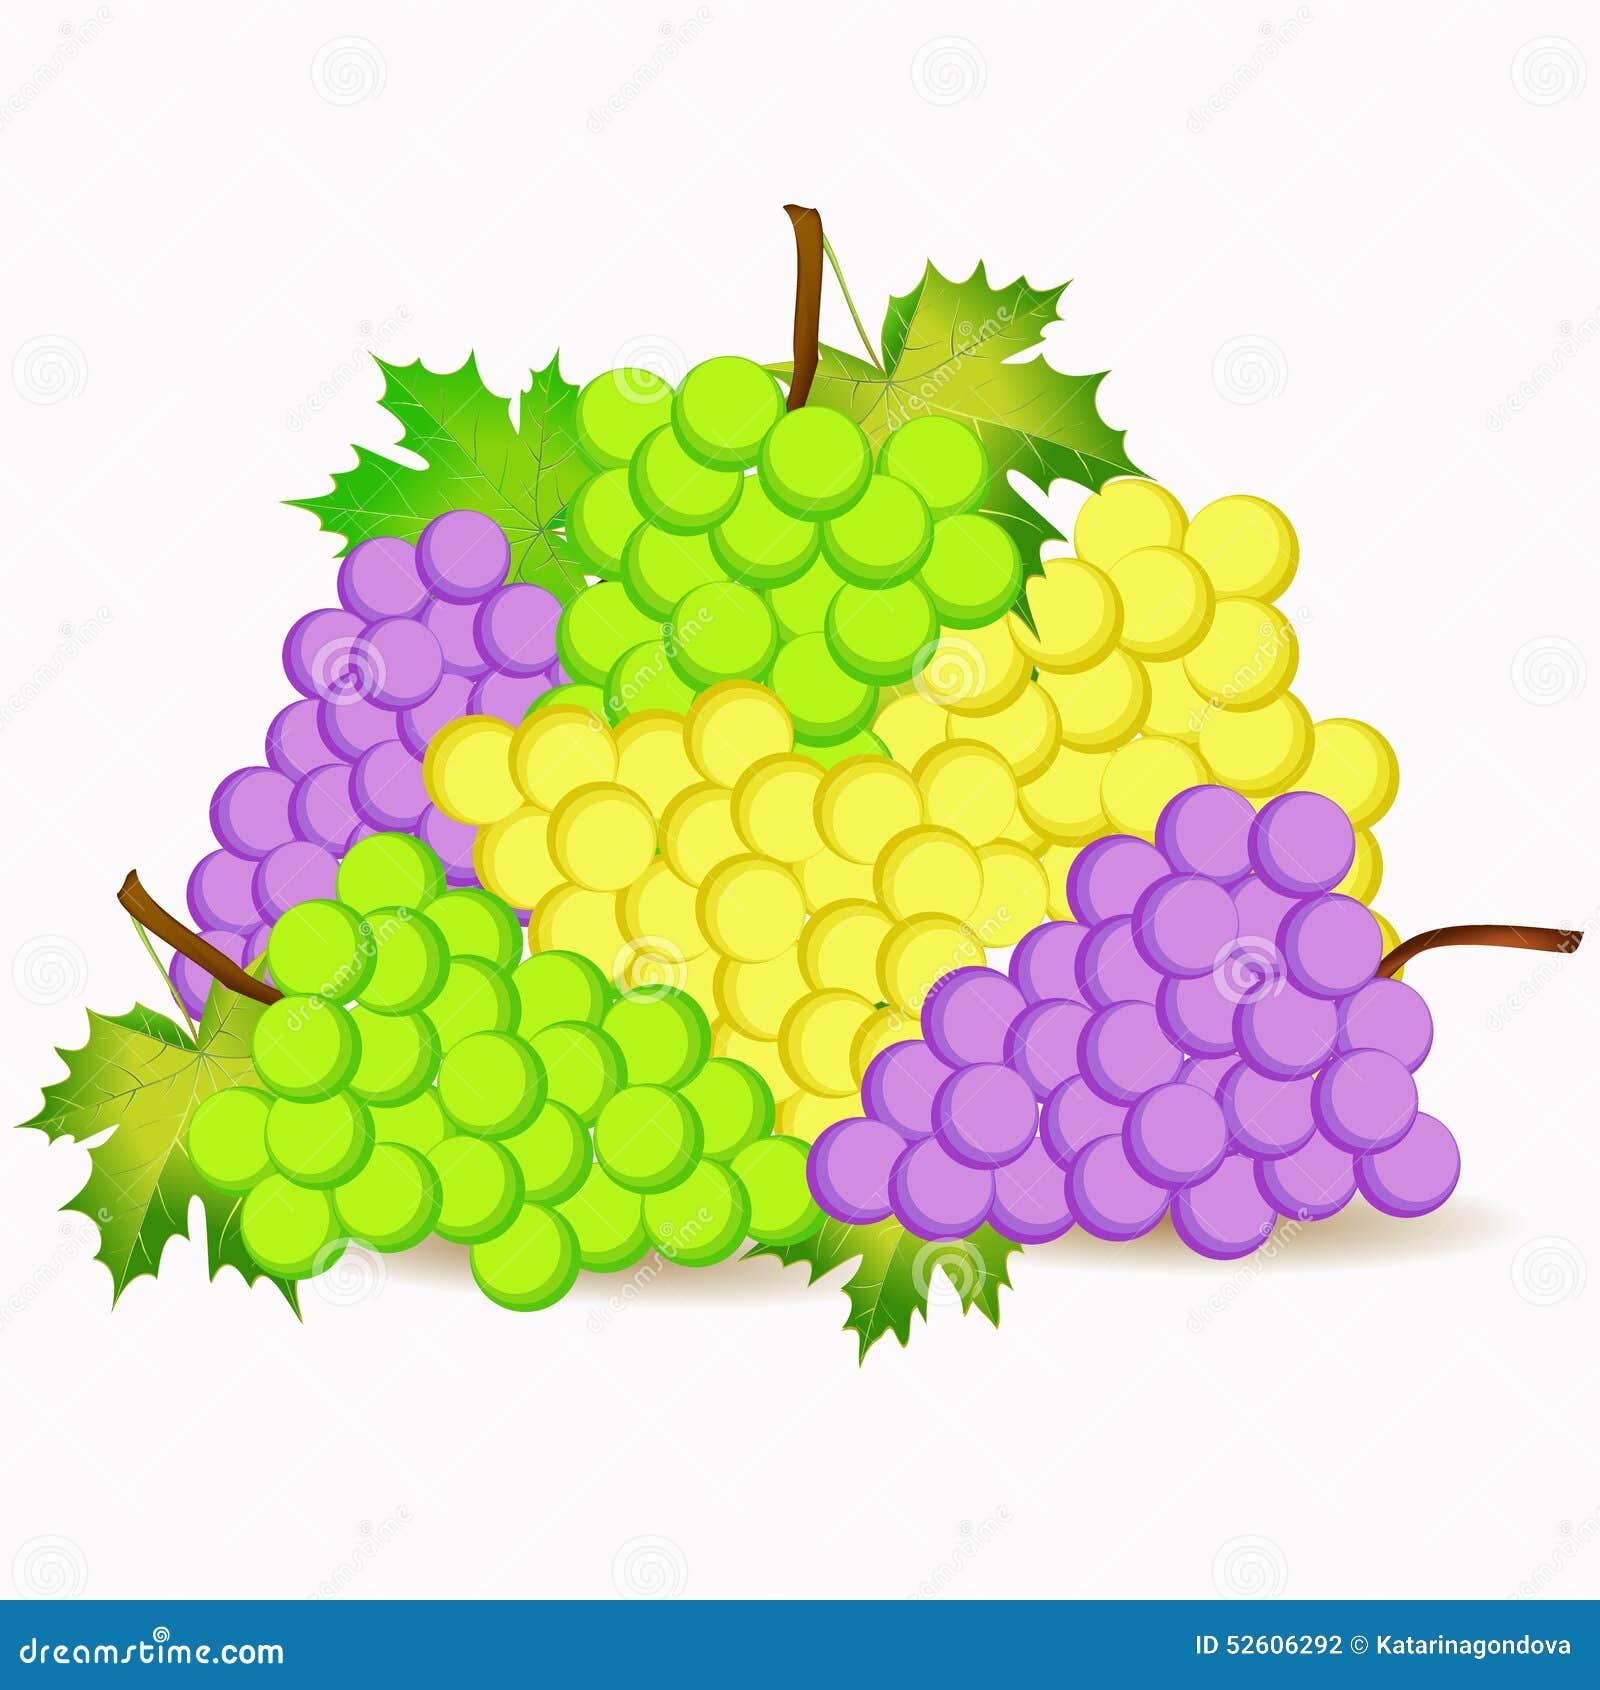 绿色,黄色和紫罗兰色葡萄动画片例证.